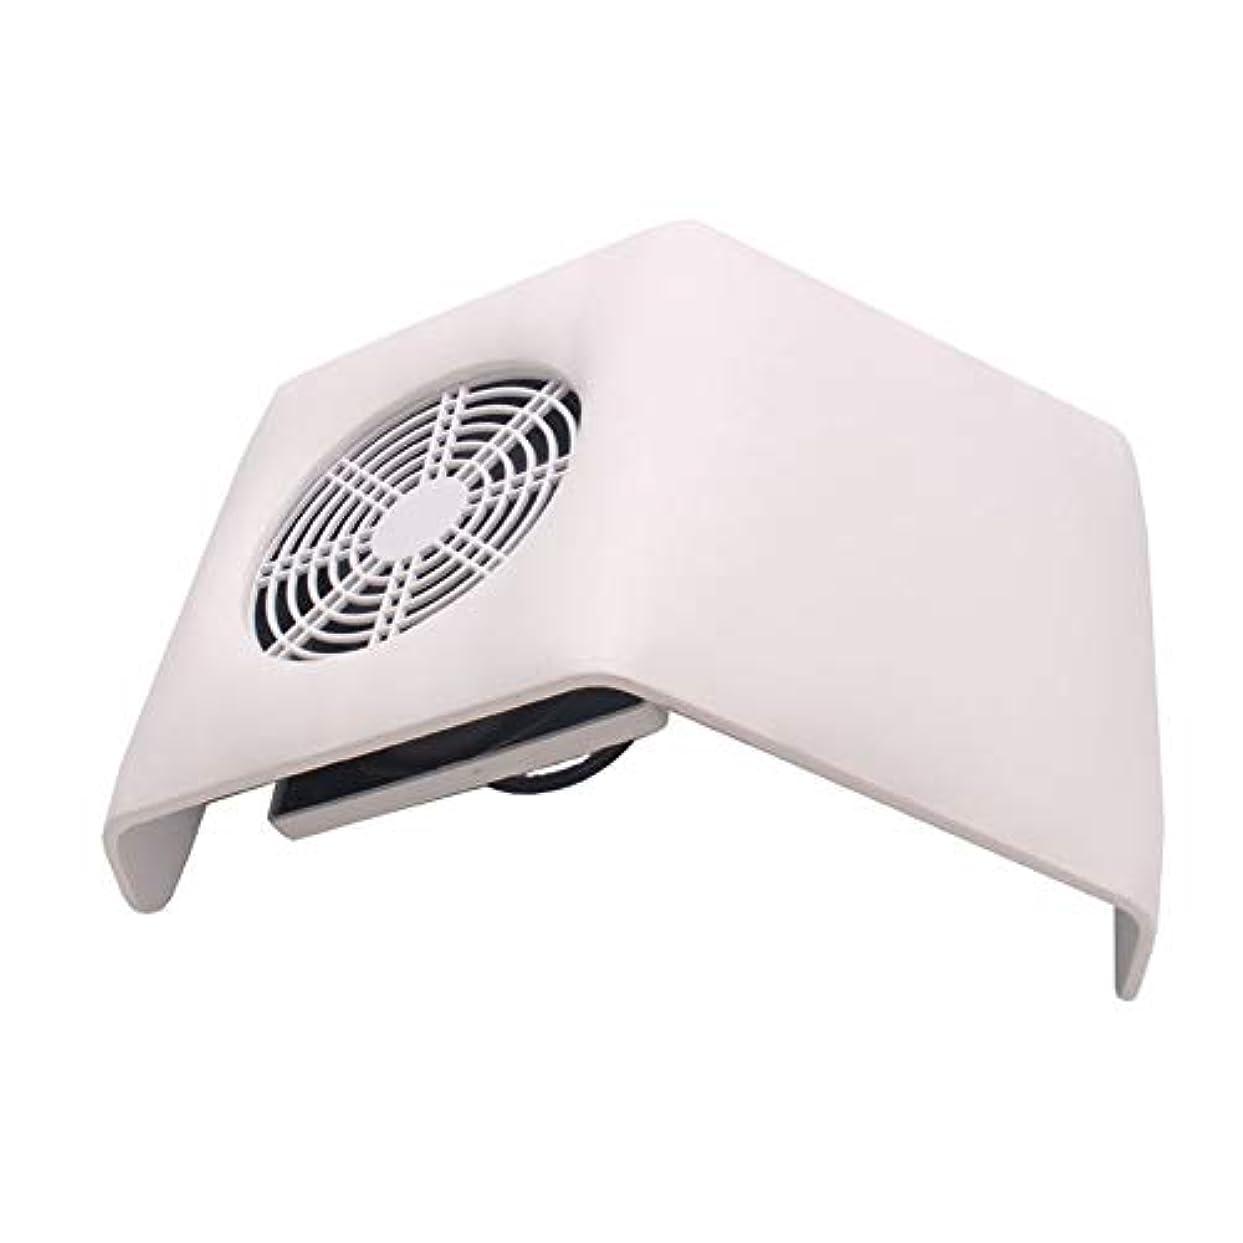 対象講堂風集塵機吸引ファン、2つの集塵袋付きネイル掃除機バッグネイルアートマニキュアサロンツールの収集マニキュアの工作機械ダストネイル (Color : White)